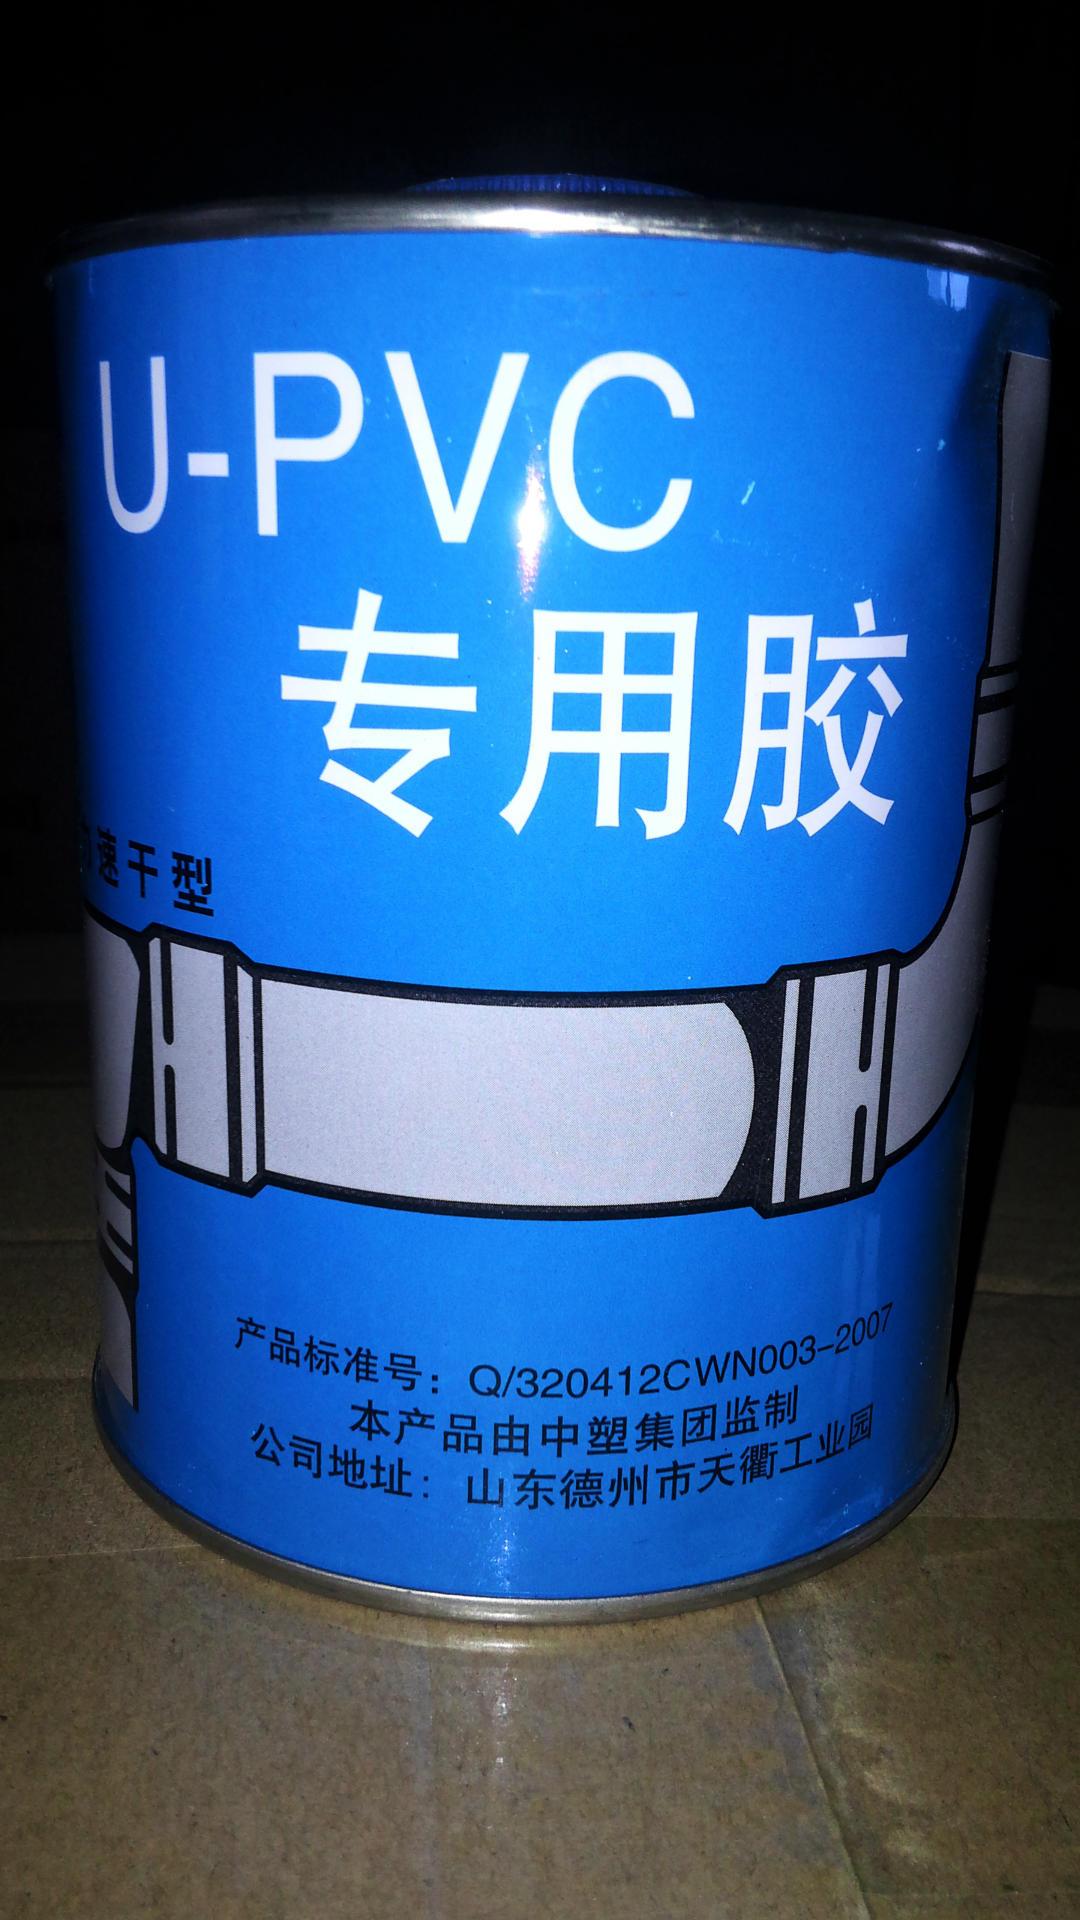 冀鲁胶水 建筑PVC胶水 排水专用胶水 管道胶粘剂 厂家批发